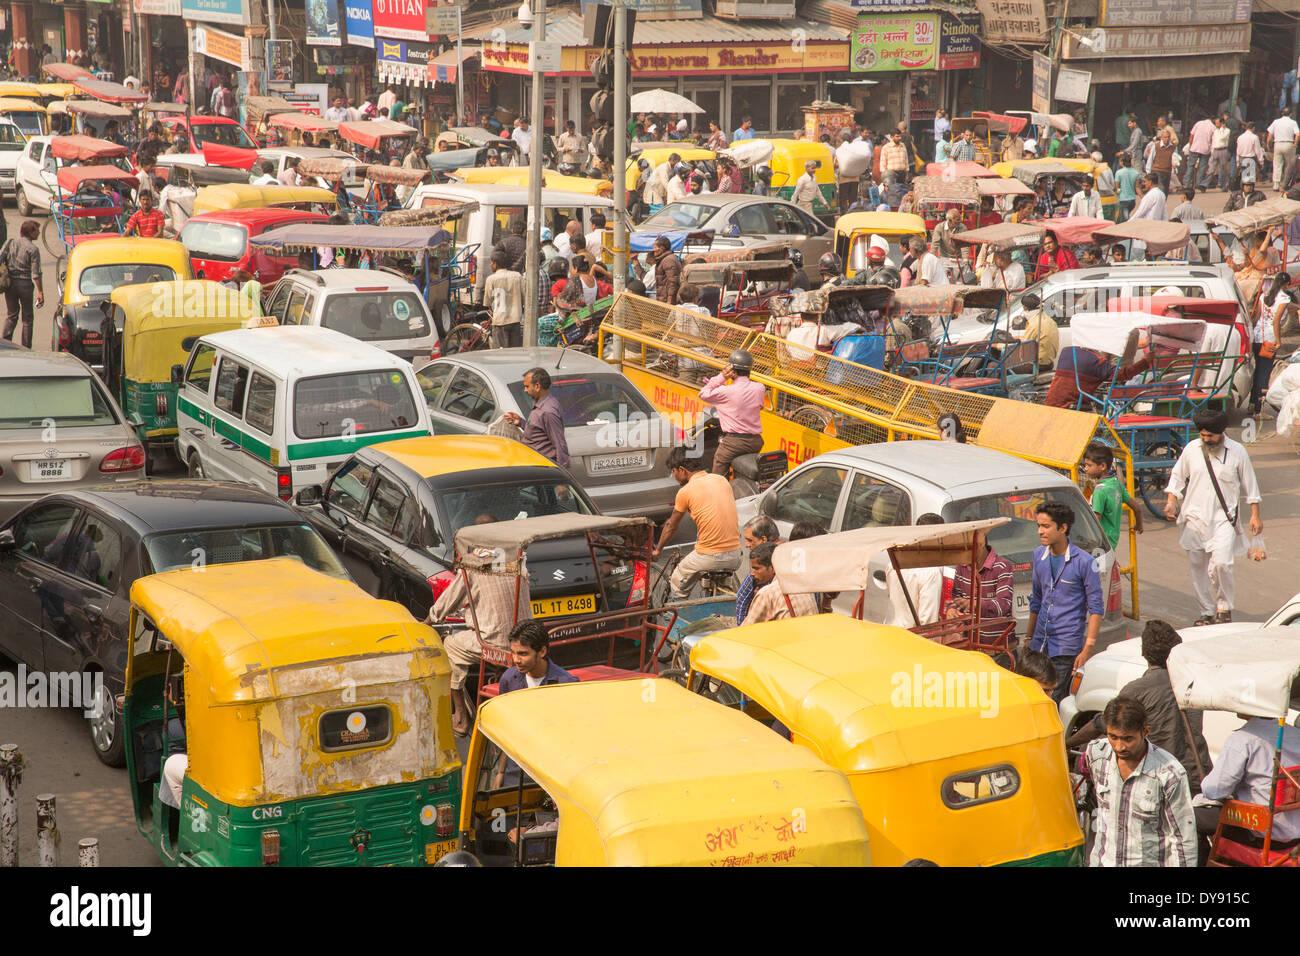 Verkehr, Delhi, Asien, Stadt, Stadt, Markt, Autos, Autos, viele, Stau Stockbild